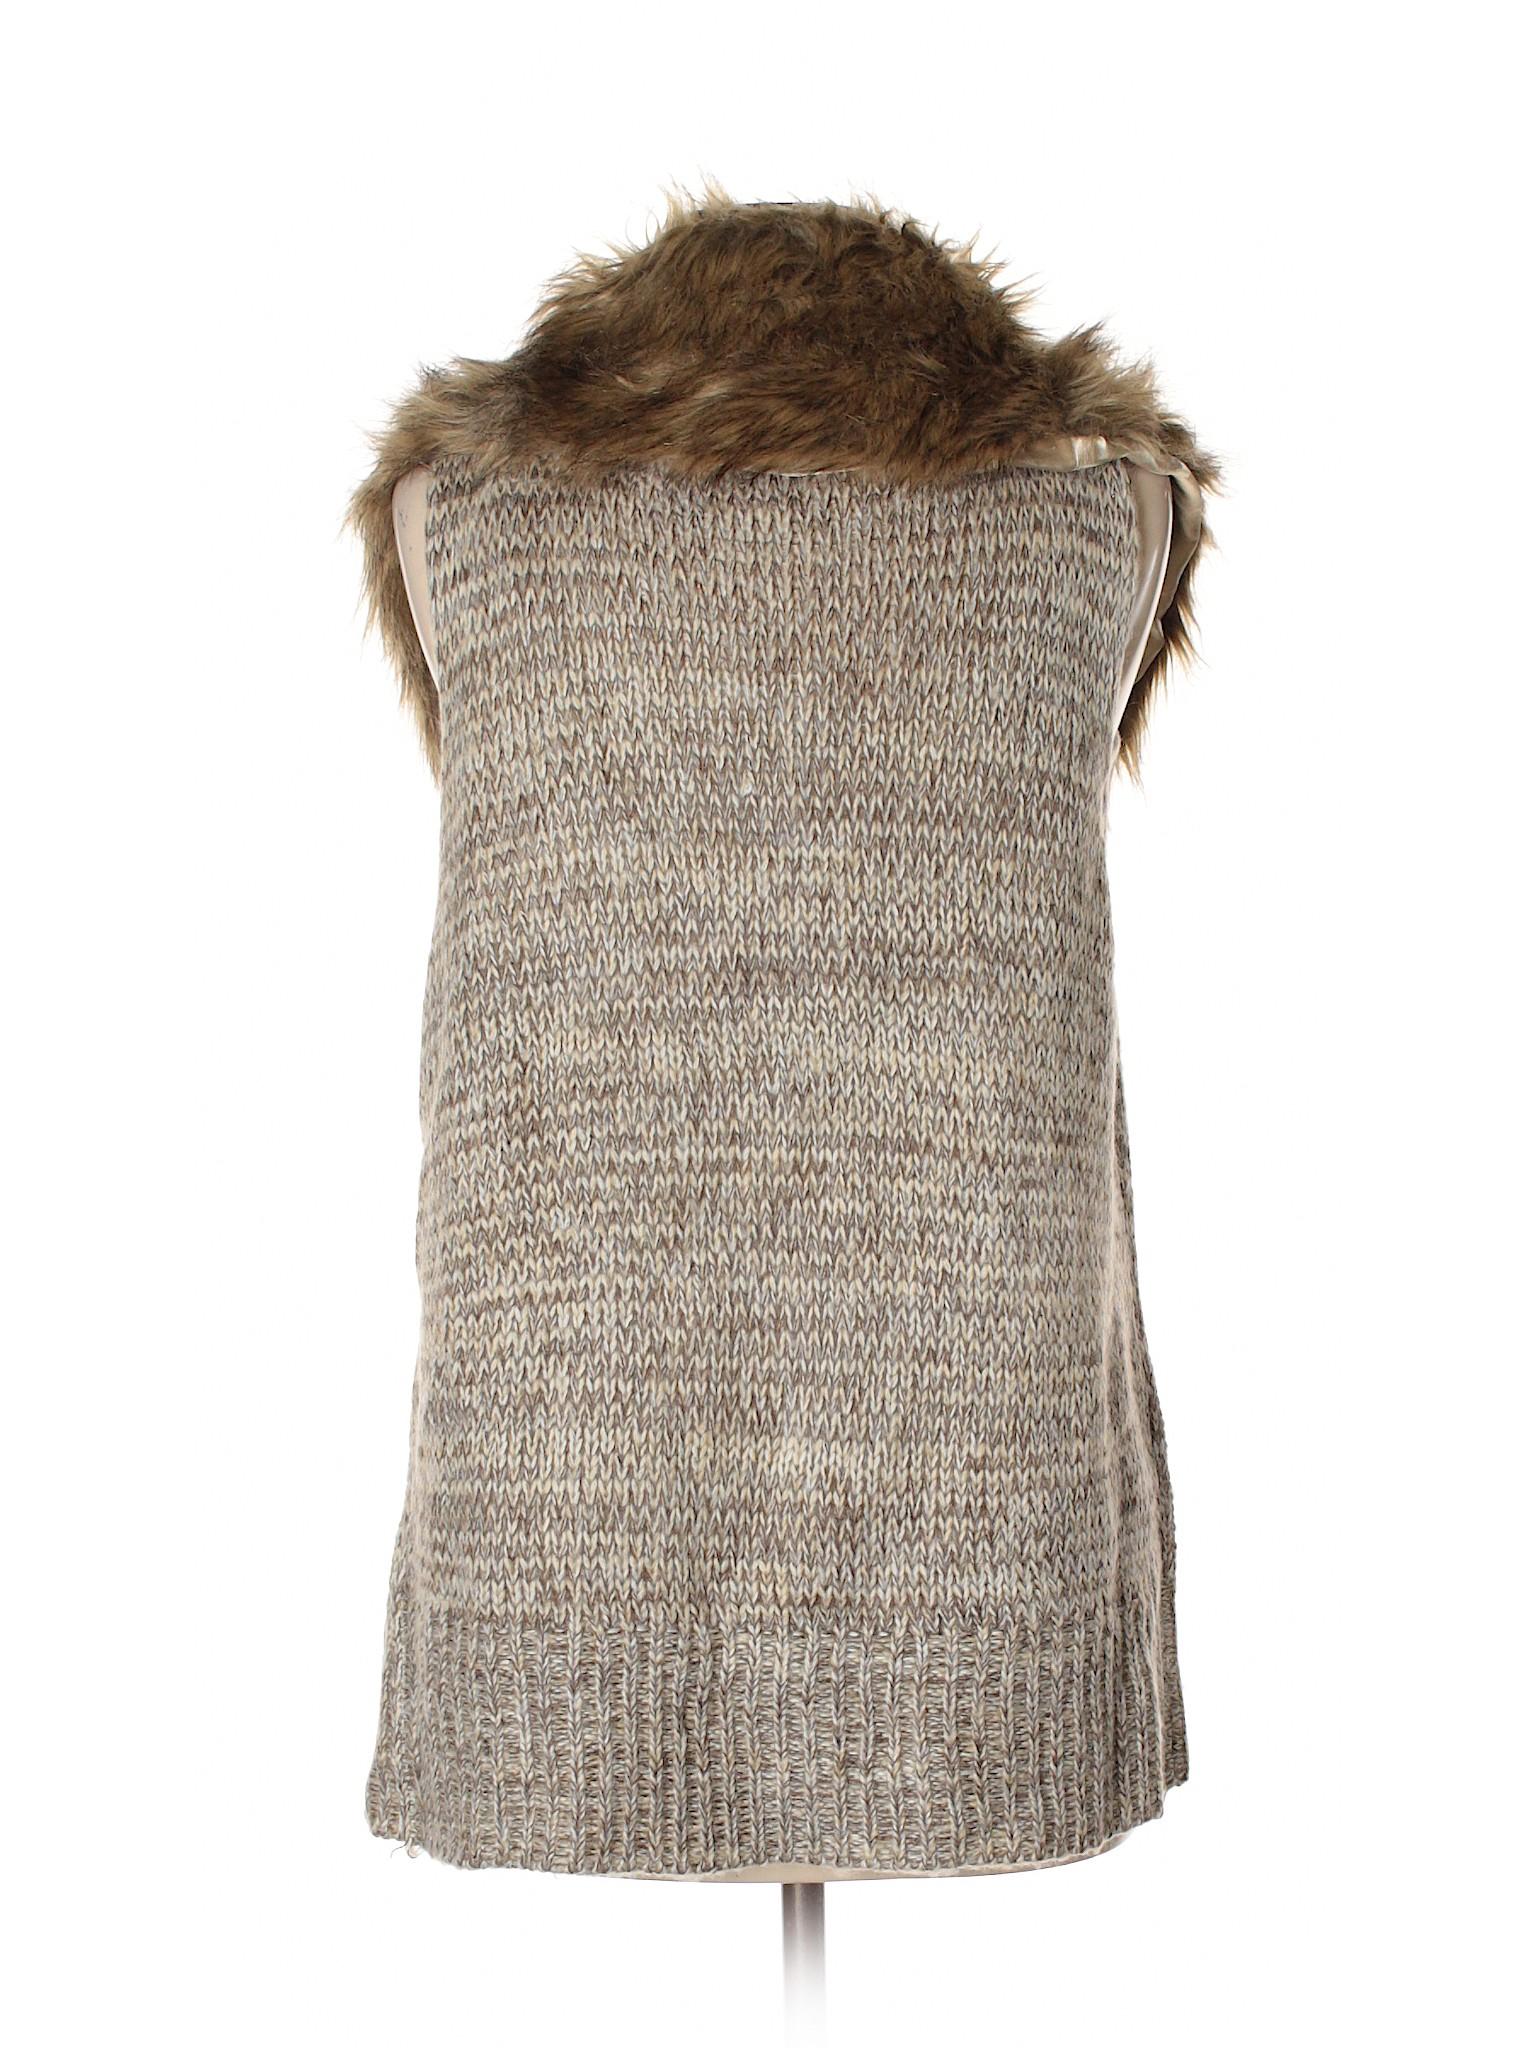 Boutique Boutique Style winter Vest Boutique winter RD winter Style RD Vest zZfSYn